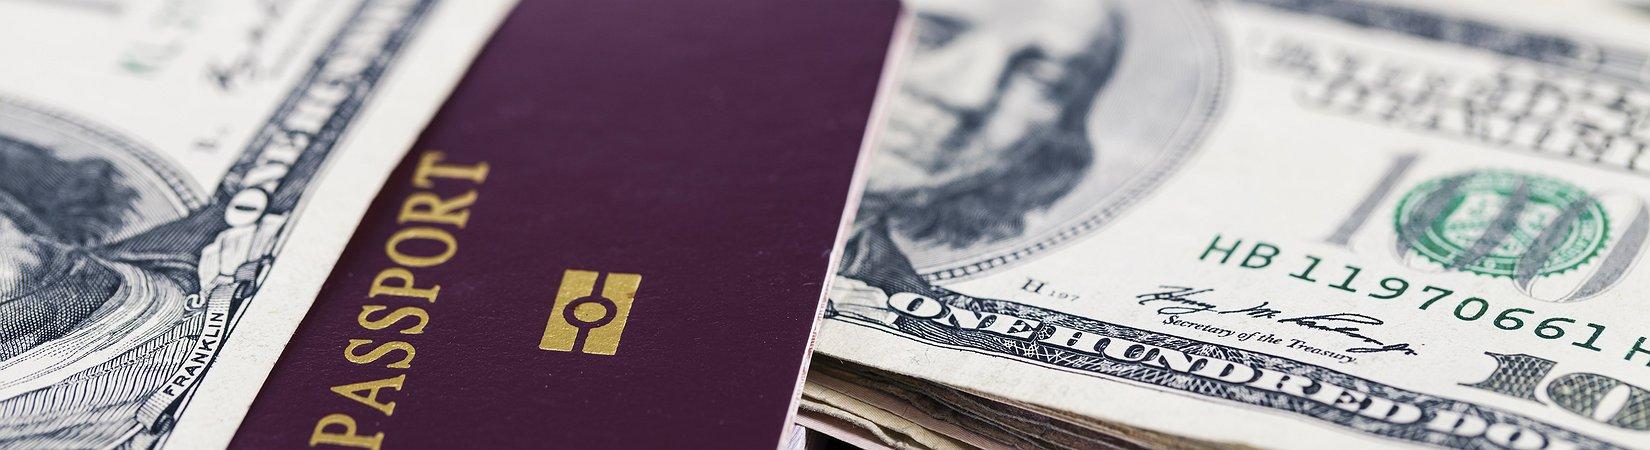 Паспорт на продажу: Как гражданство стало ходовым товаром